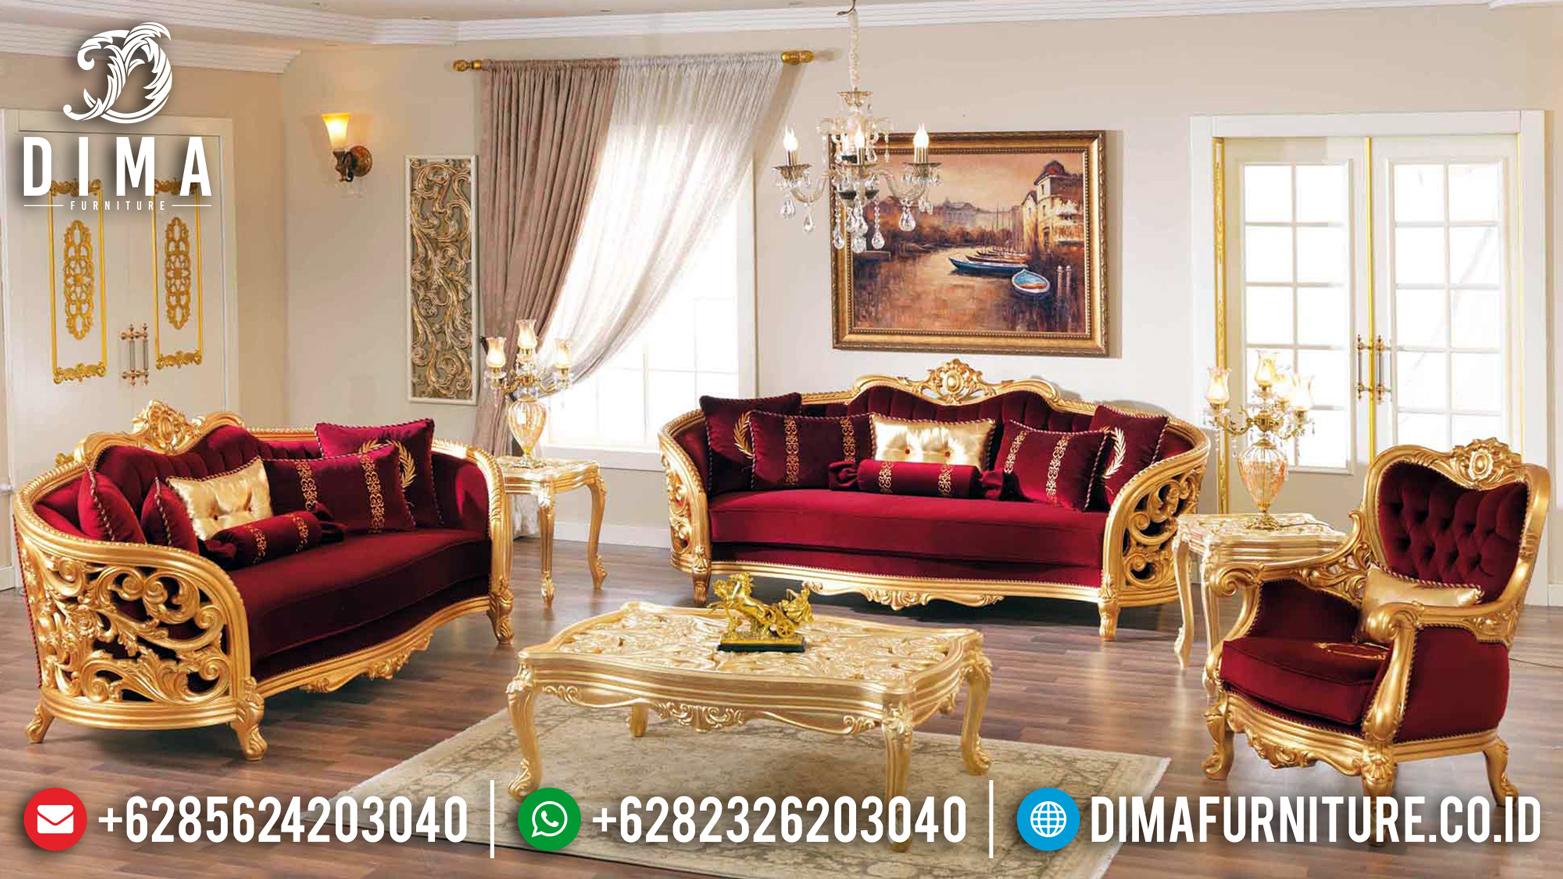 Model Ukiran Turki Sofa Tamu Mewah Jepara MMJ-0108